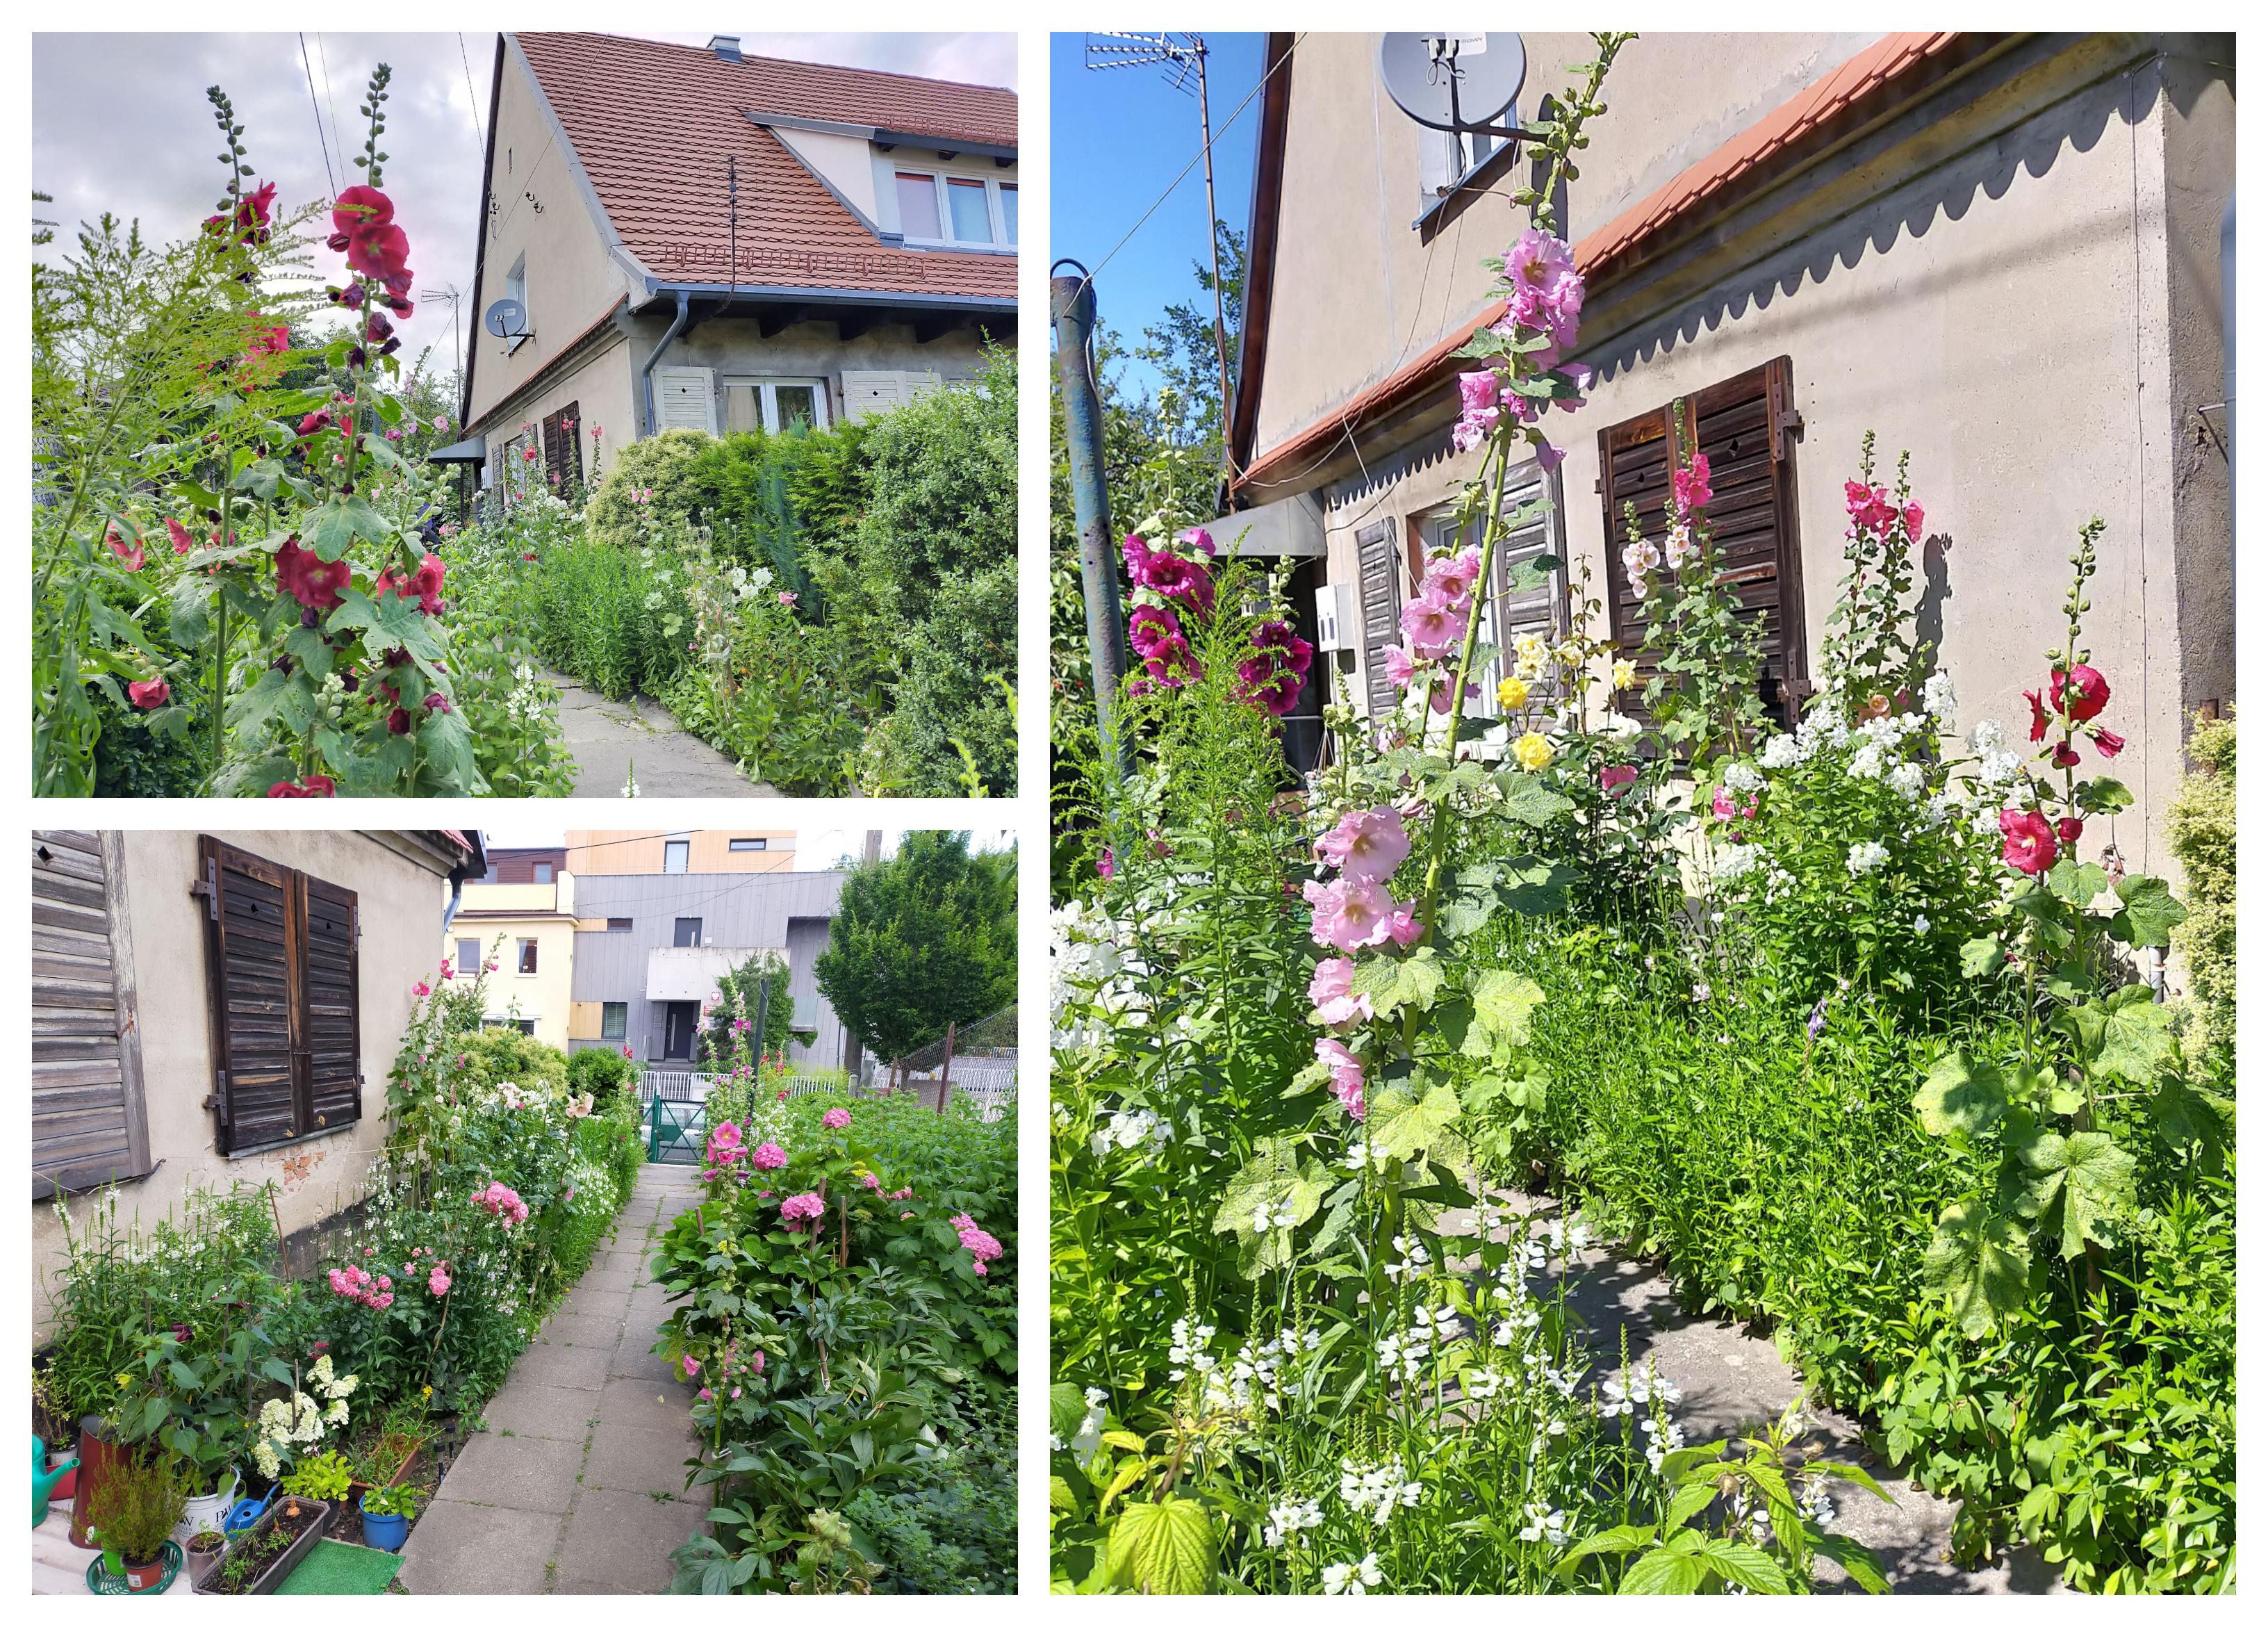 Ogród Heleny Marcinkowskiej, w którym przeważają malwy i hortensje